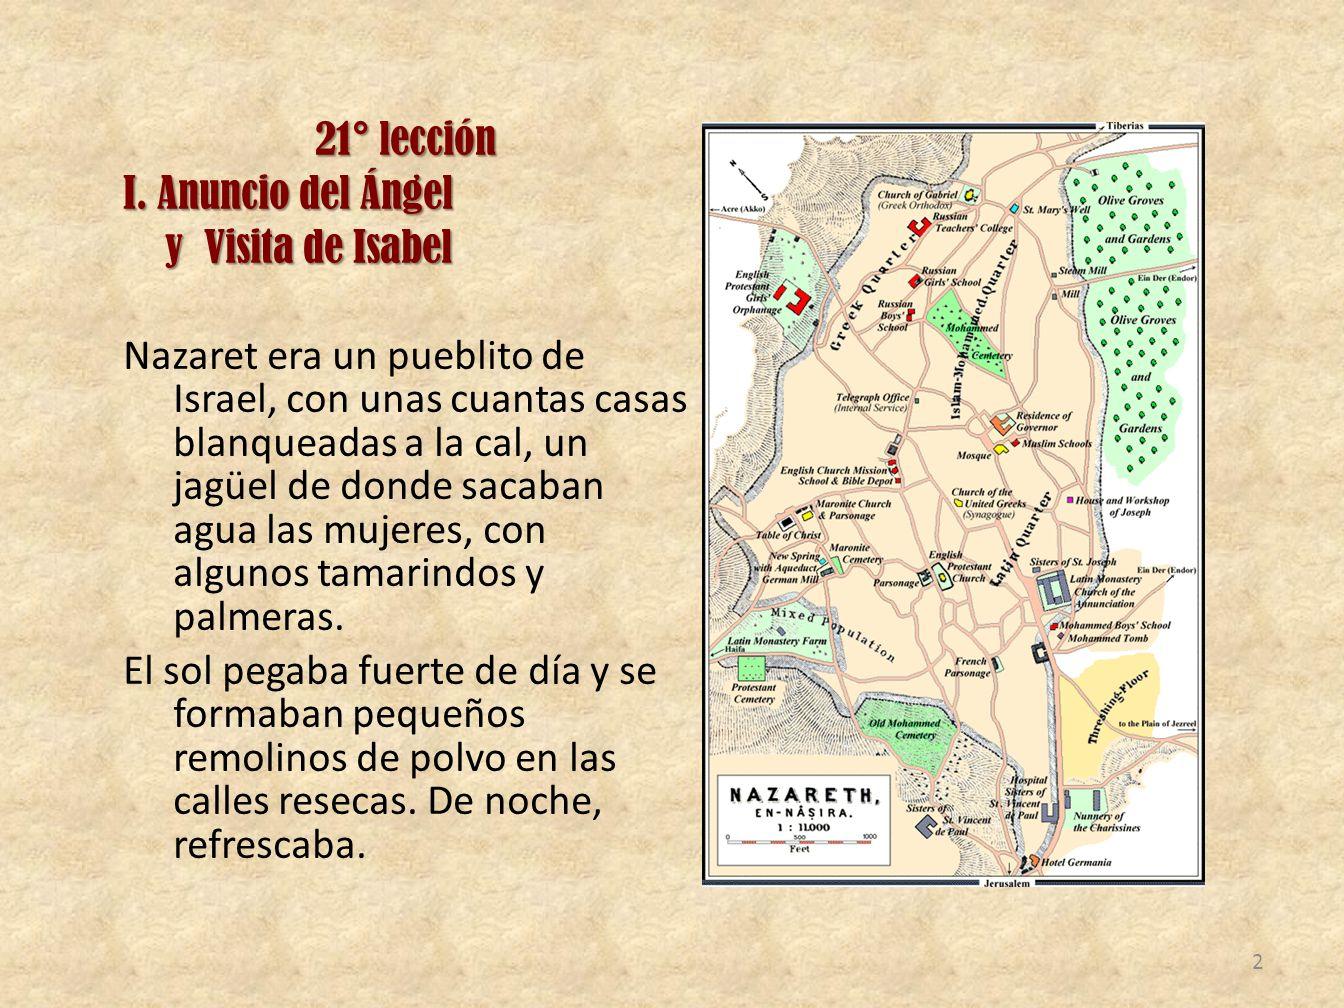 21° lección I. Anuncio del Ángel y Visita de Isabel y Visita de Isabel Nazaret era un pueblito de Israel, con unas cuantas casas blanqueadas a la cal,